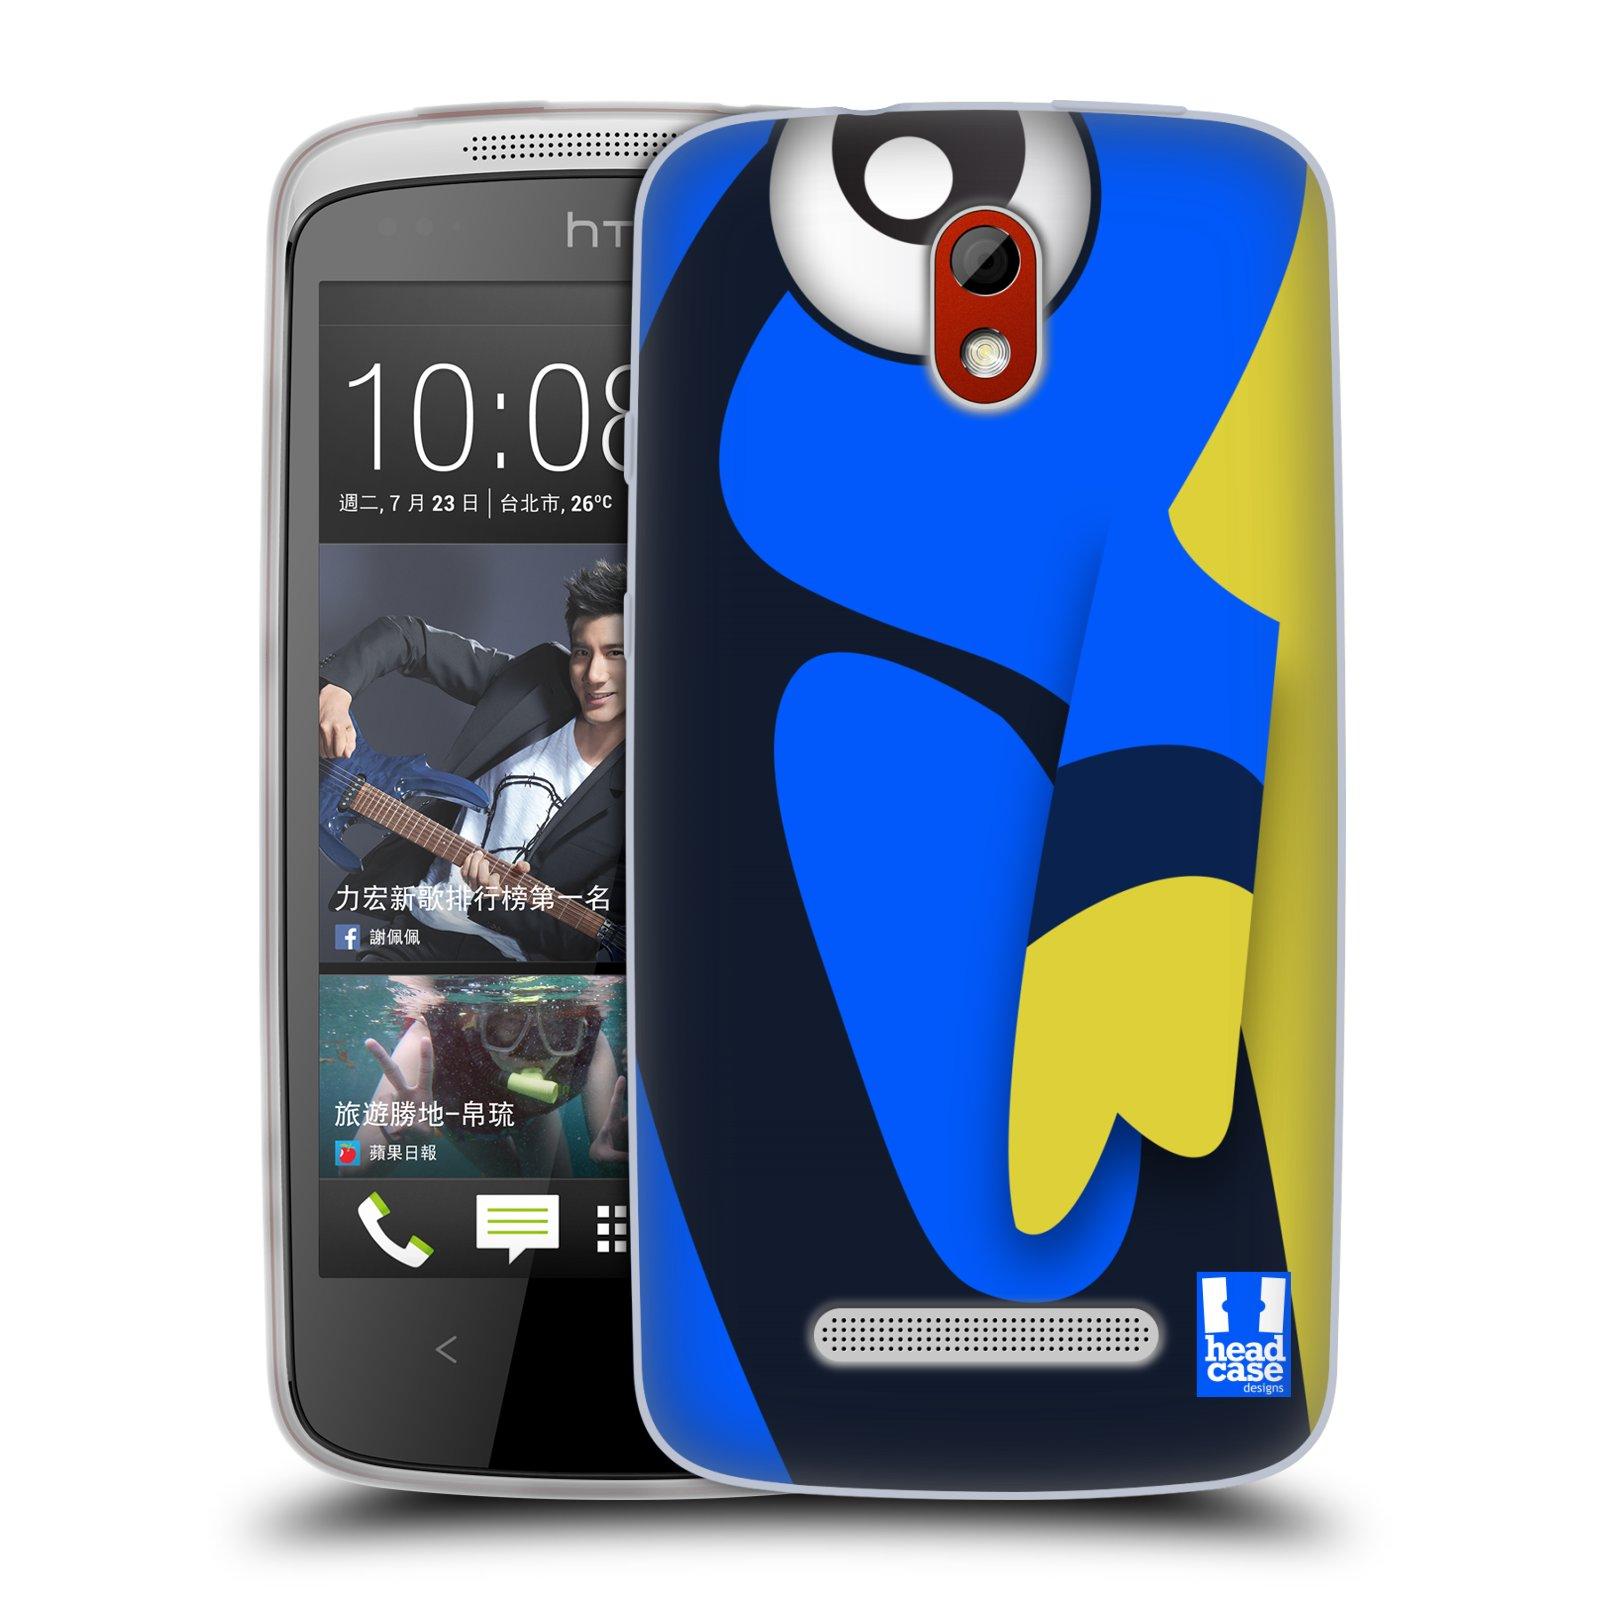 HEAD CASE silikonový obal na mobil HTC DESIRE 500 vzor Rybičky z profilu modrá a žlutá Dory